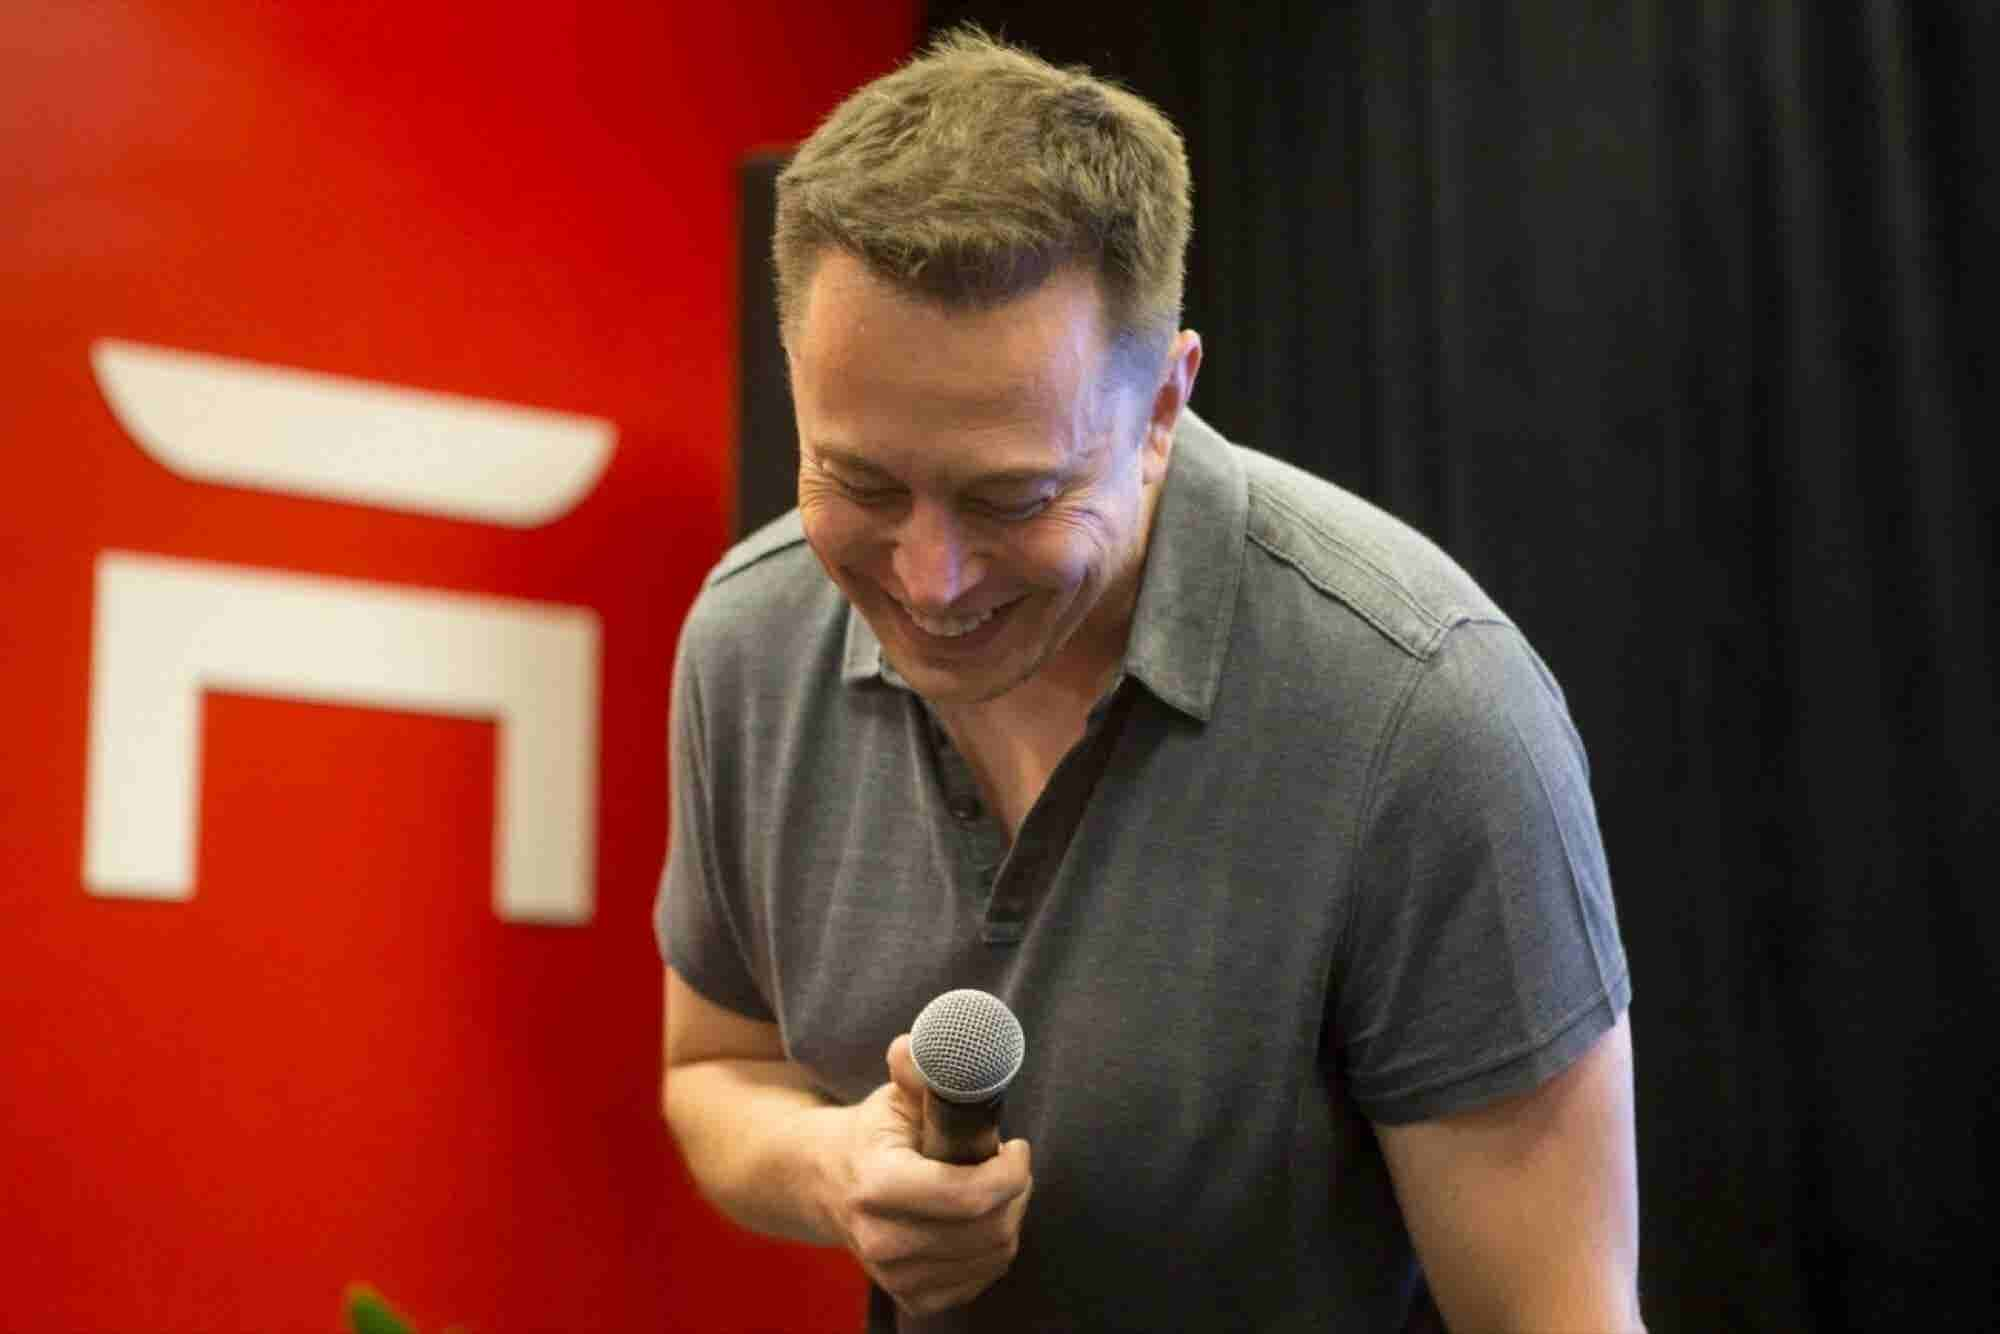 Elon Musk Turned Down Uber's Self-Driving Partnership Offer